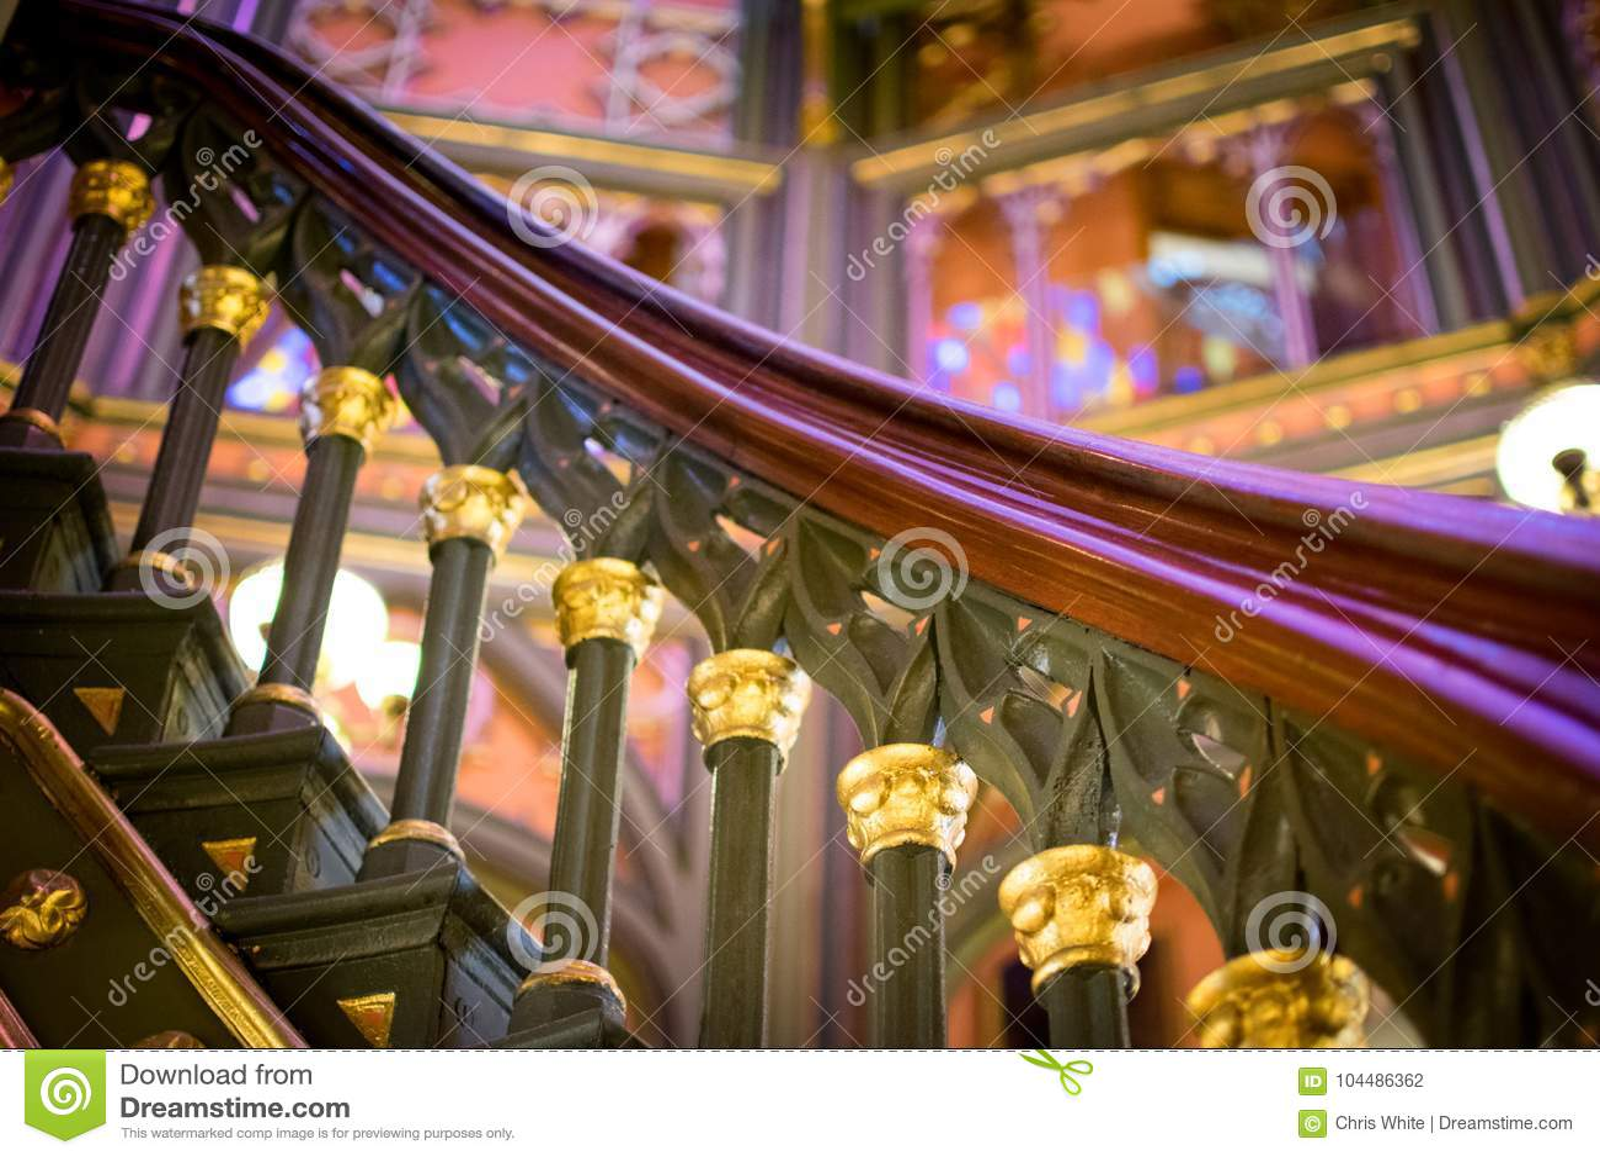 Детали поручня винтовой лестницы в старой Луизиане заявляют здание капитолия